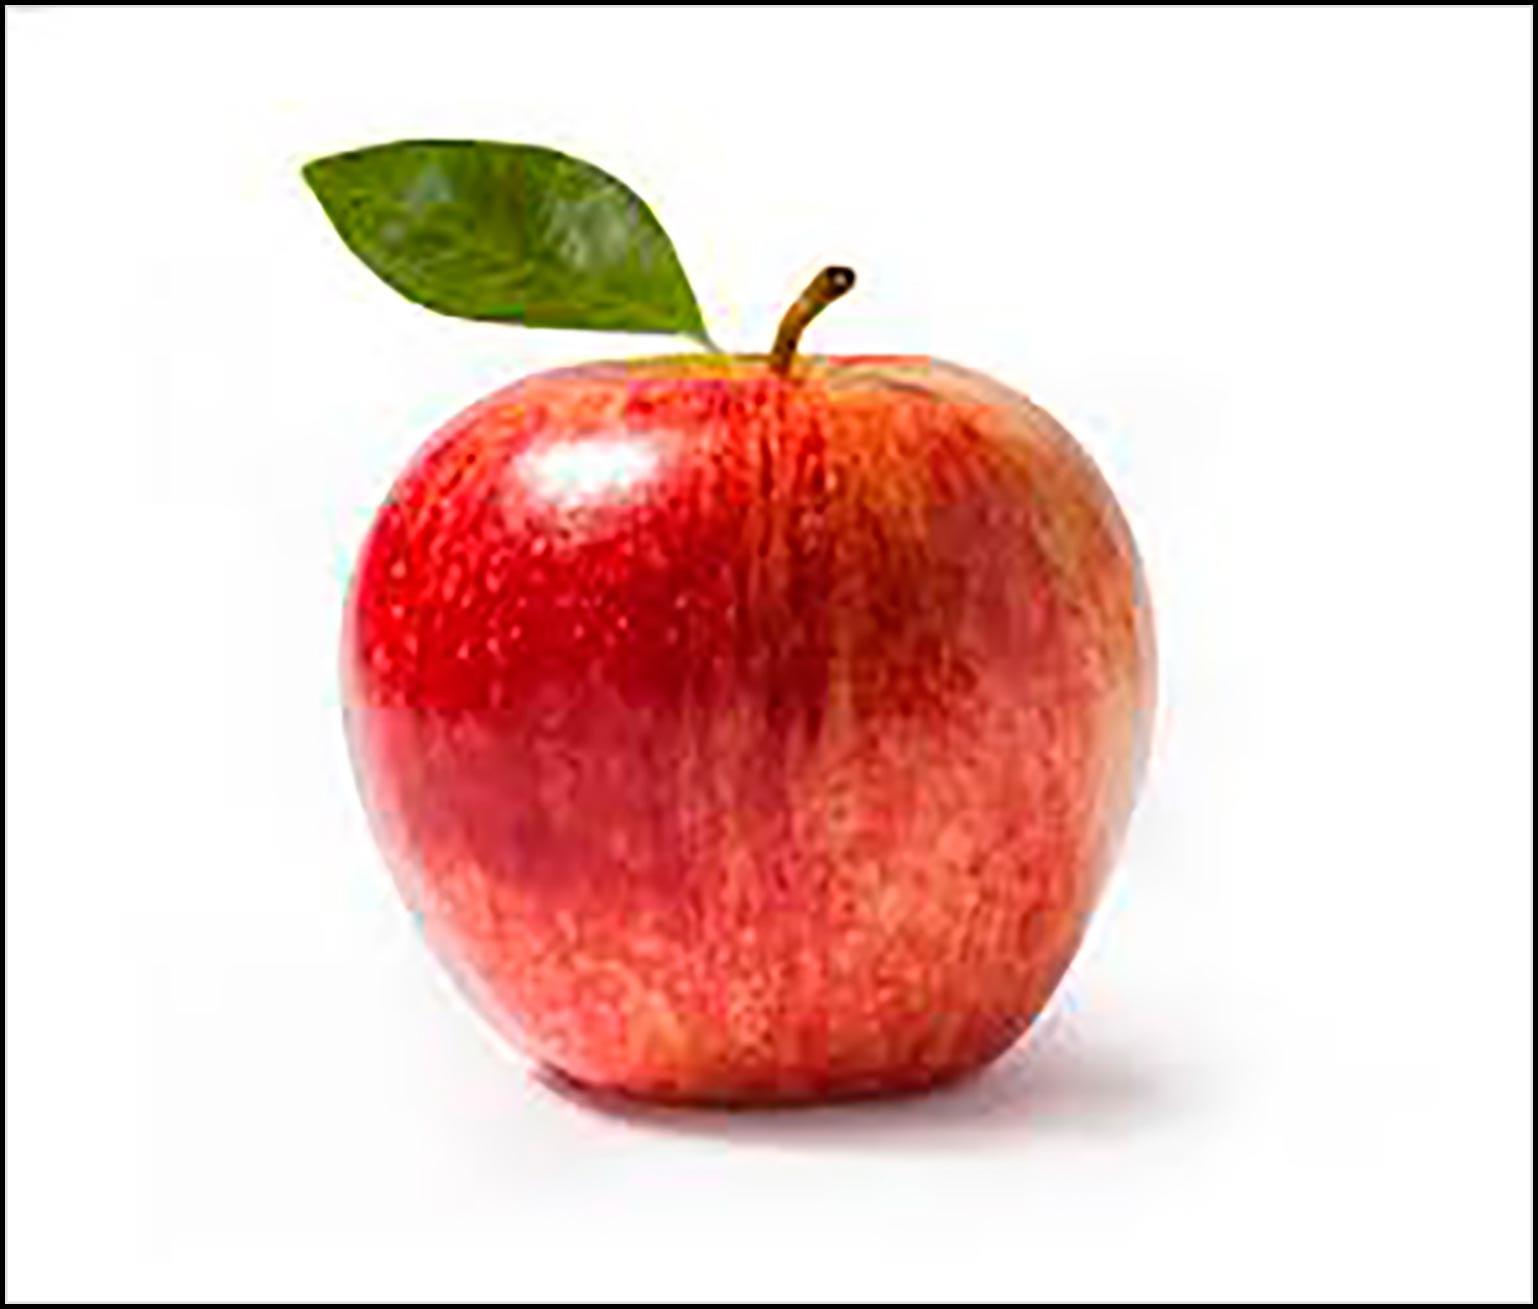 яблочко картинка для детей